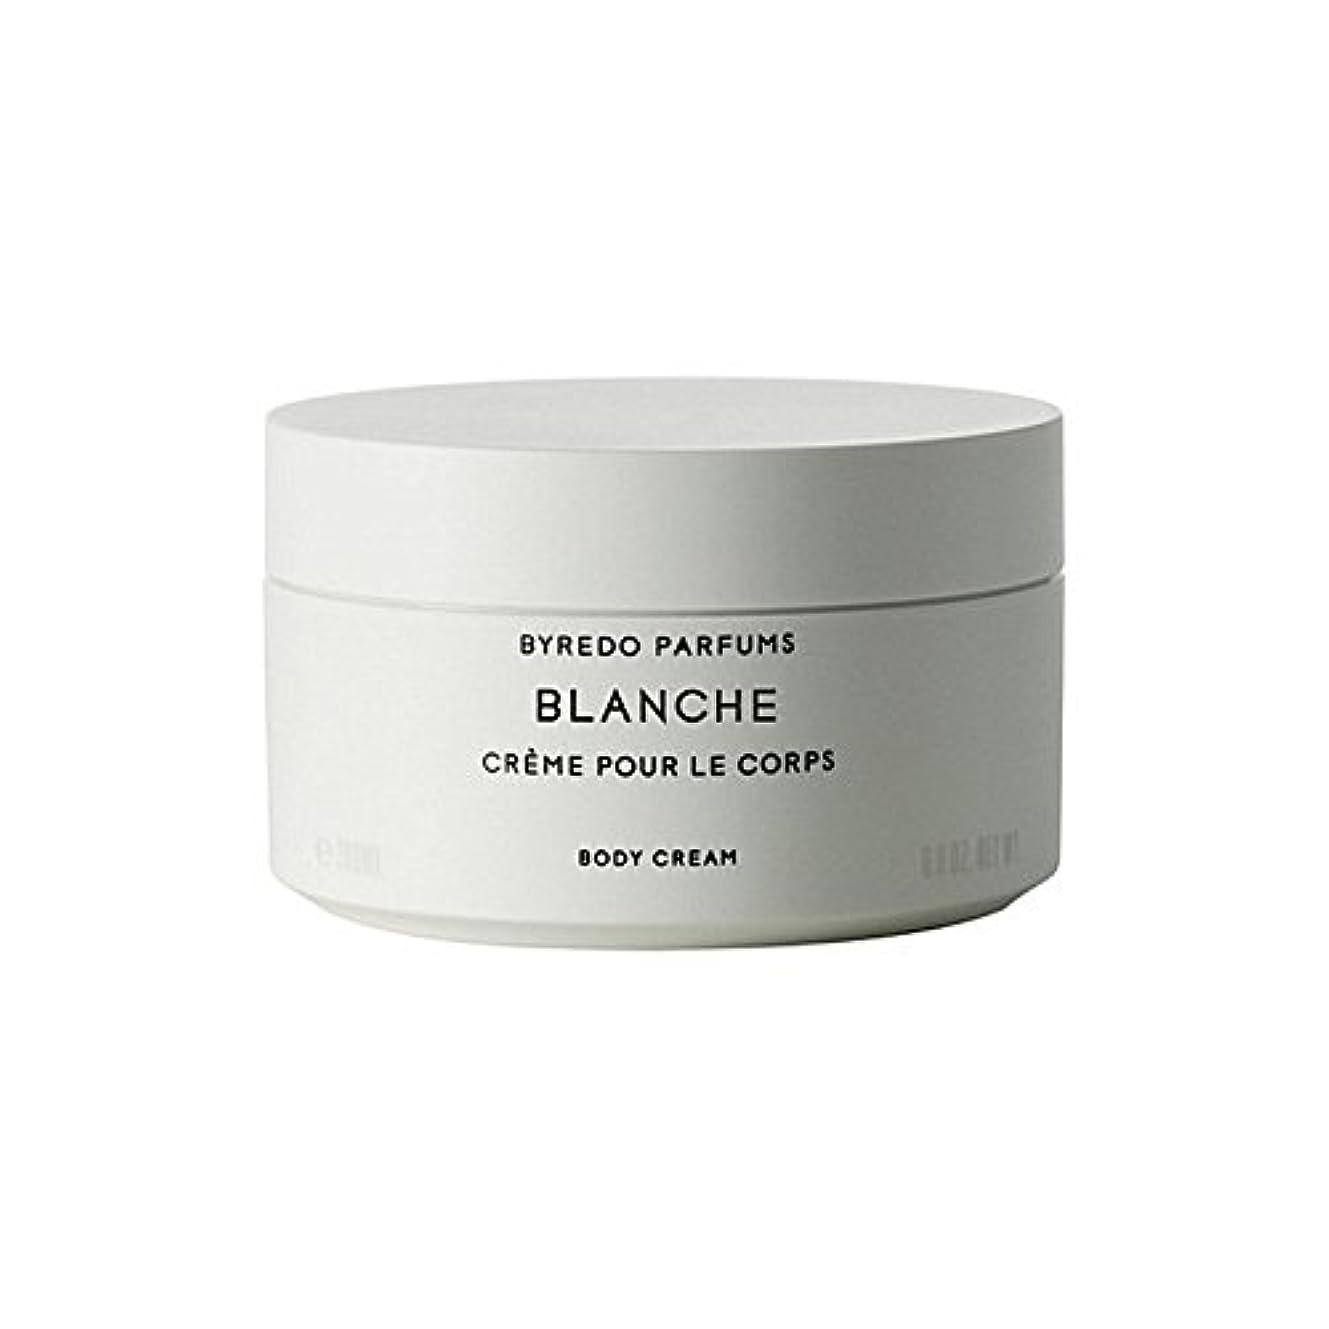 ふつう適合共同選択Byredo Blanche Body Cream 200ml (Pack of 6) - ブランシュボディクリーム200ミリリットル x6 [並行輸入品]